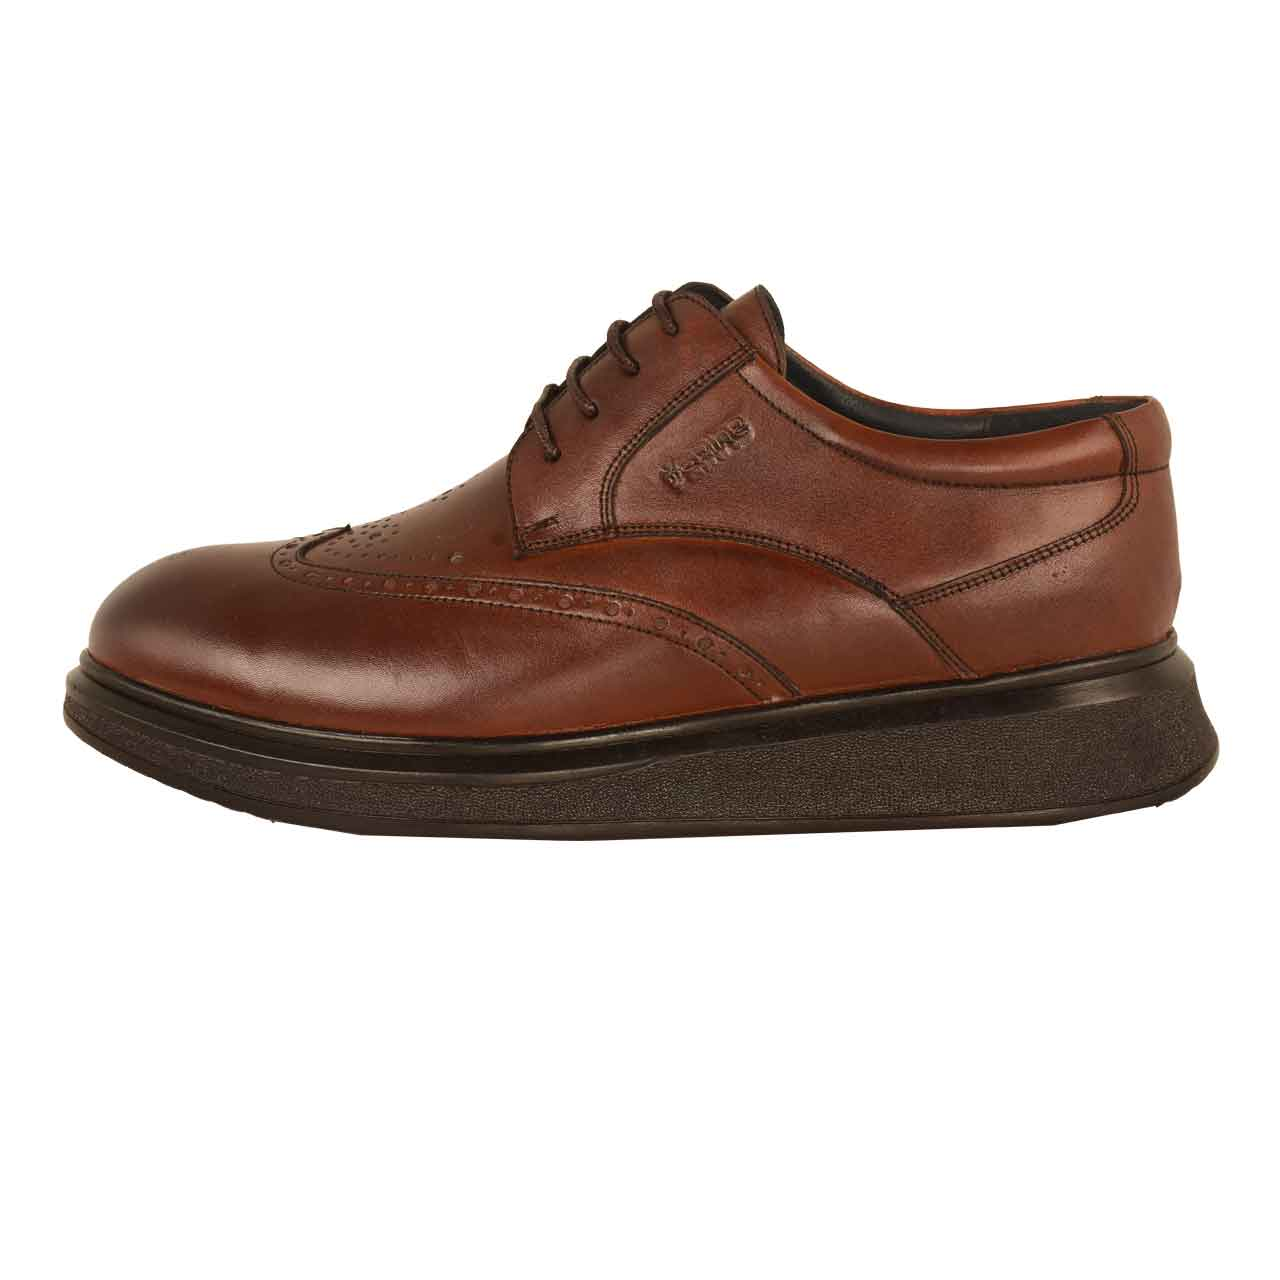 کفش مردانه پارینه مدل SHO151-7